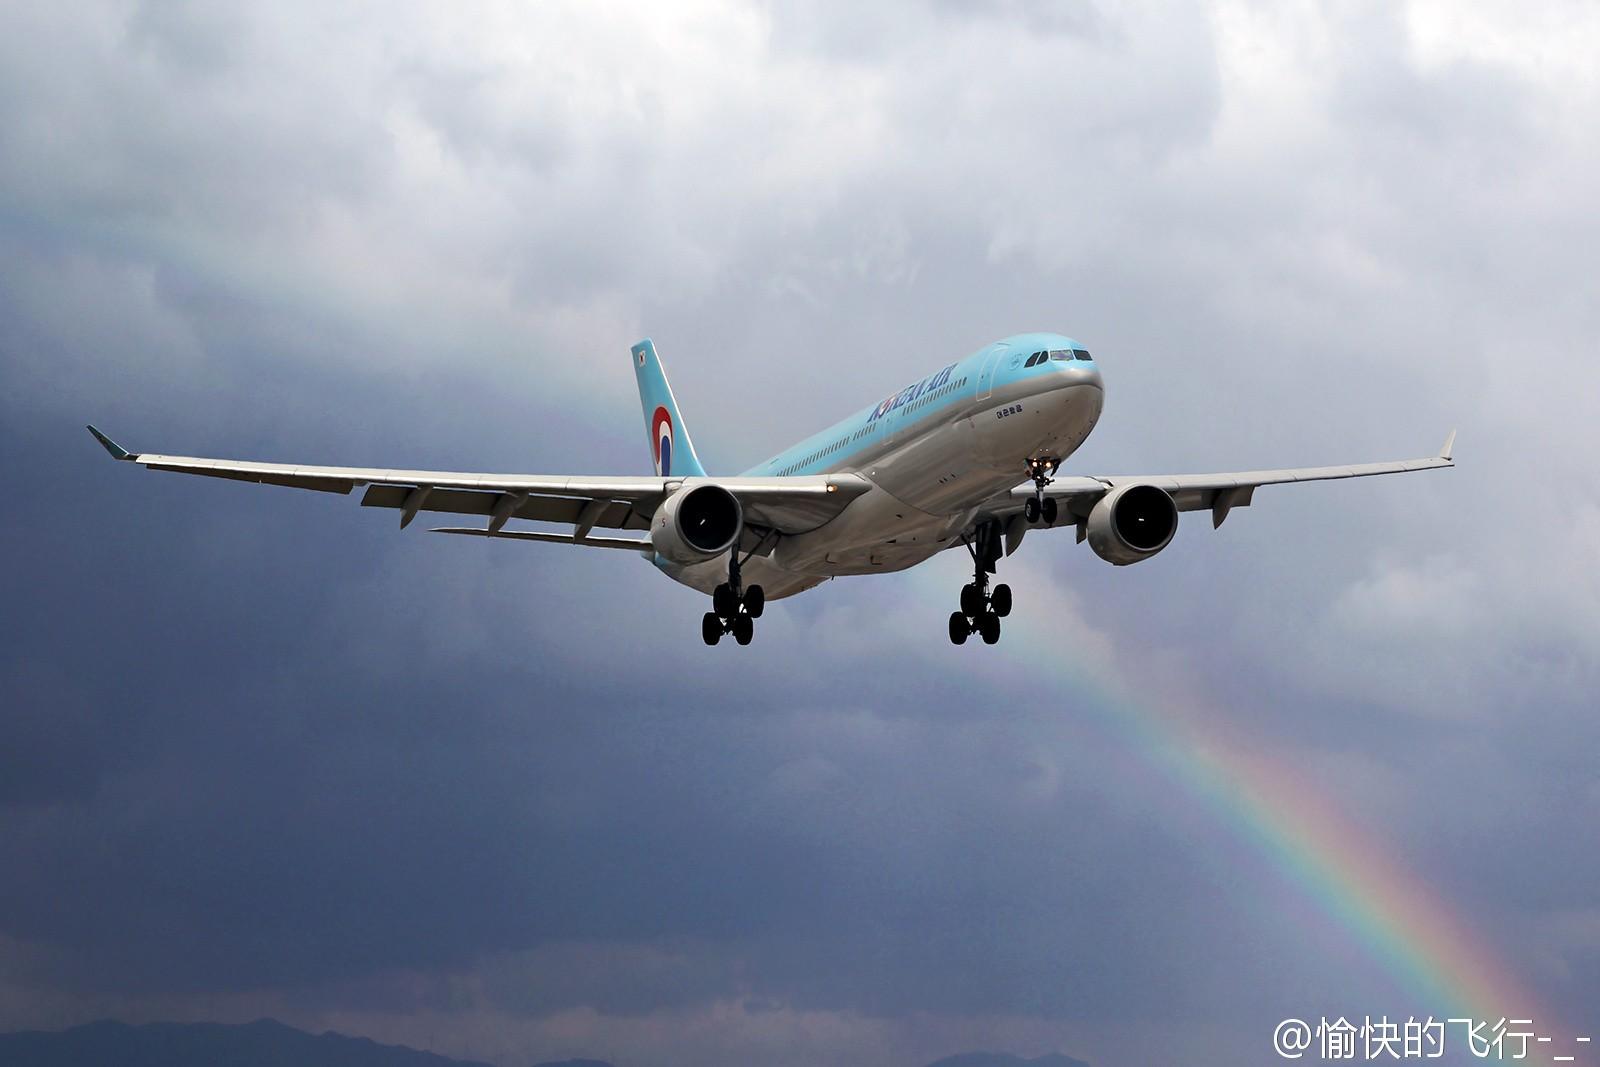 [原创]。。。飞机美不美主要看背景。。。 AIRBUS A330-300 HL8001